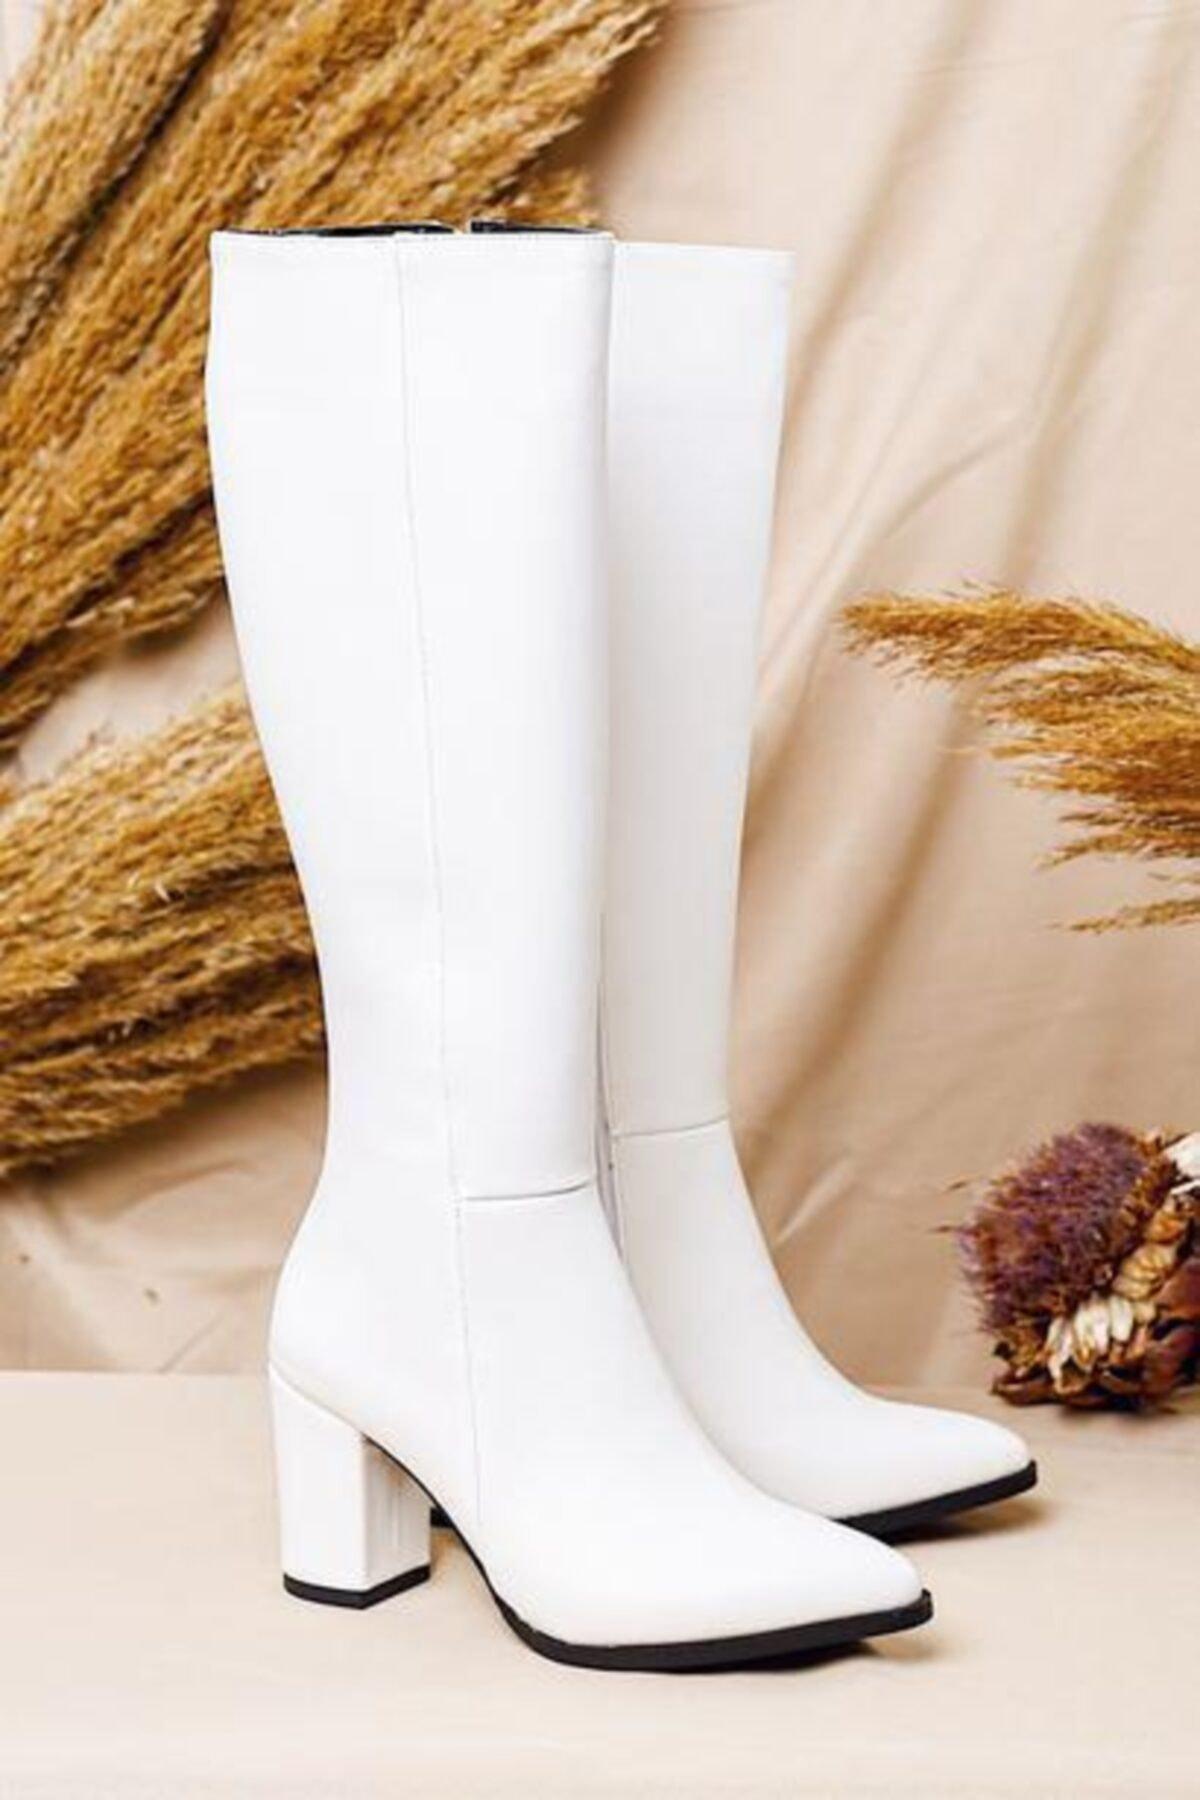 Limoya Kadın Beyaz Sivri Burunlu Tatum Orta Topuklu Çizme 2